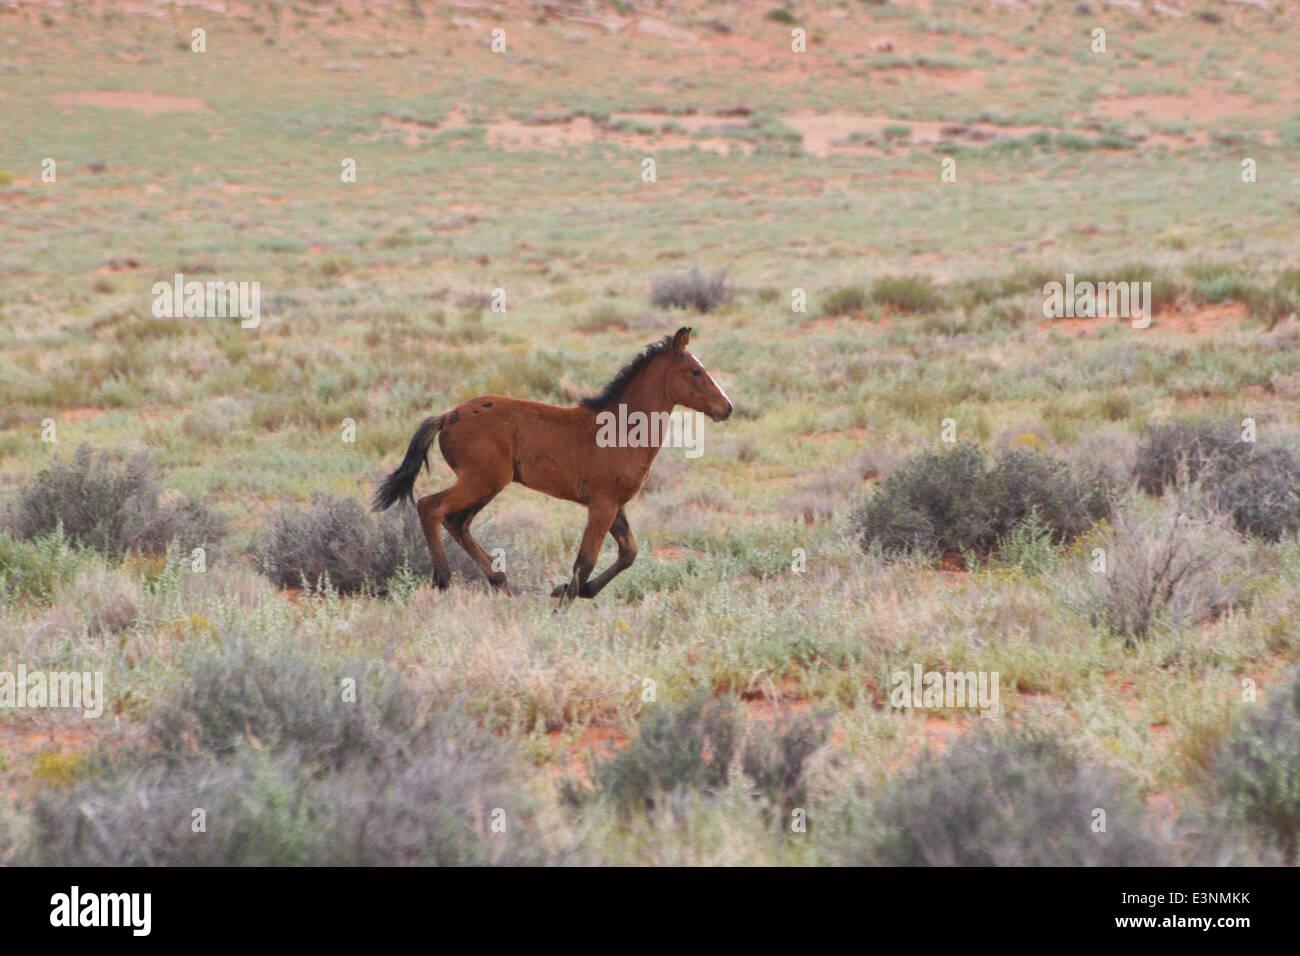 Wildpferd Fohlen - Stock Image